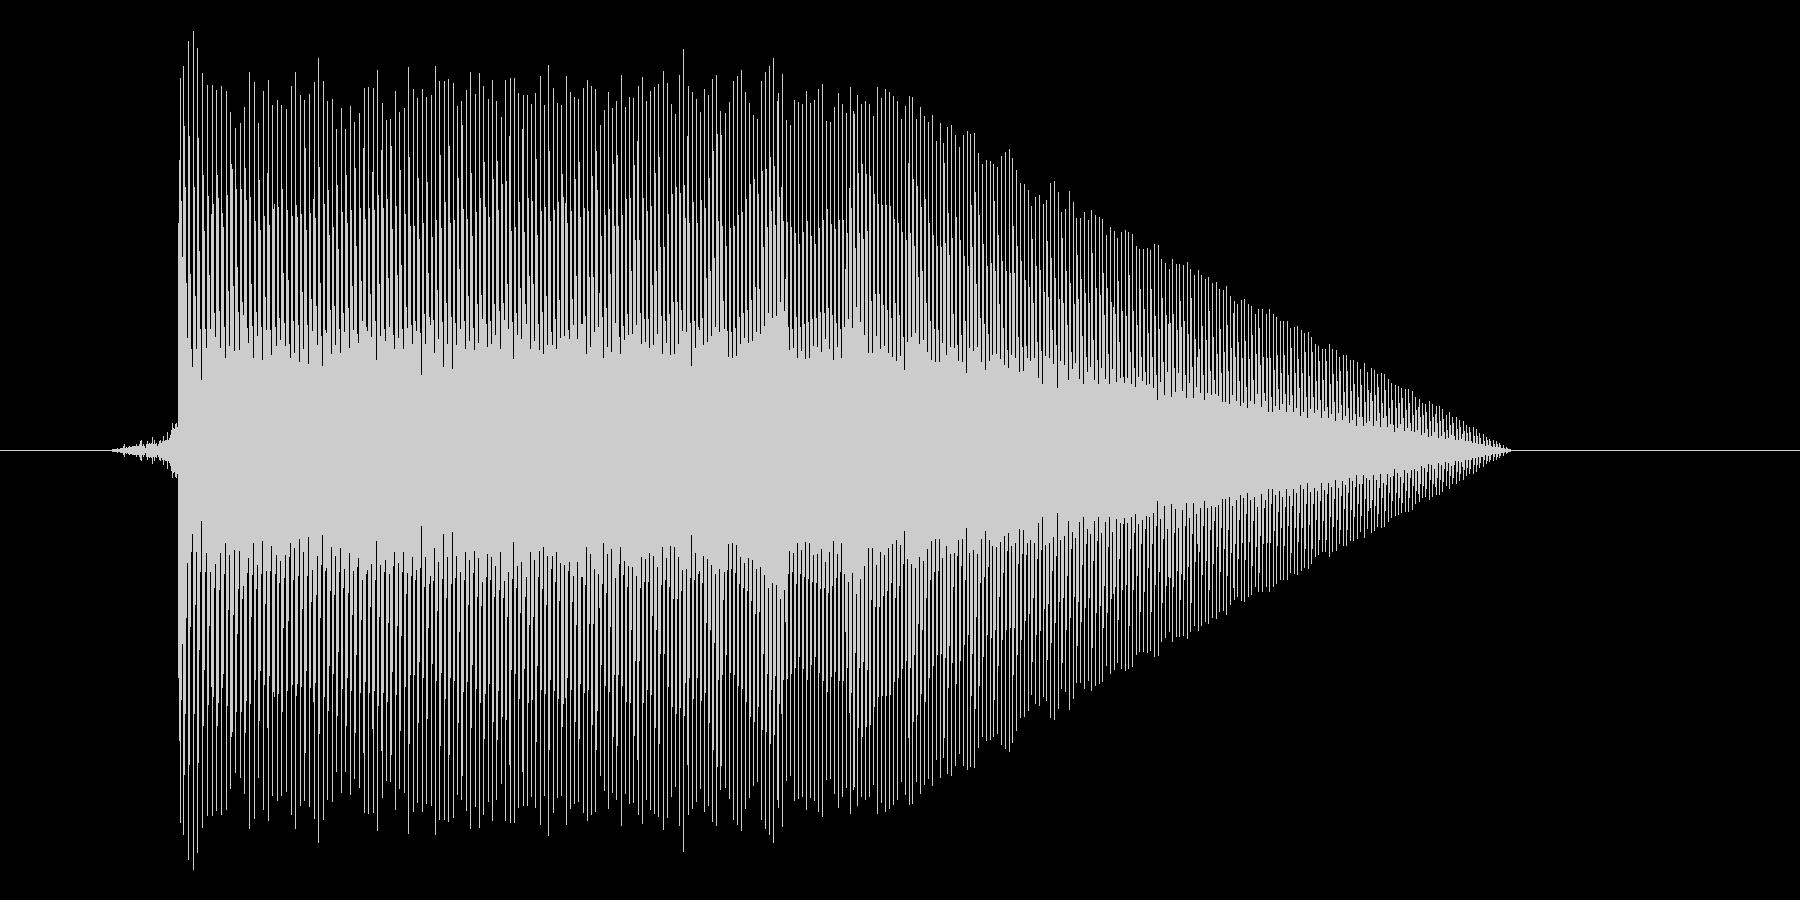 ゲーム(ファミコン風)ジャンプ音_011の未再生の波形